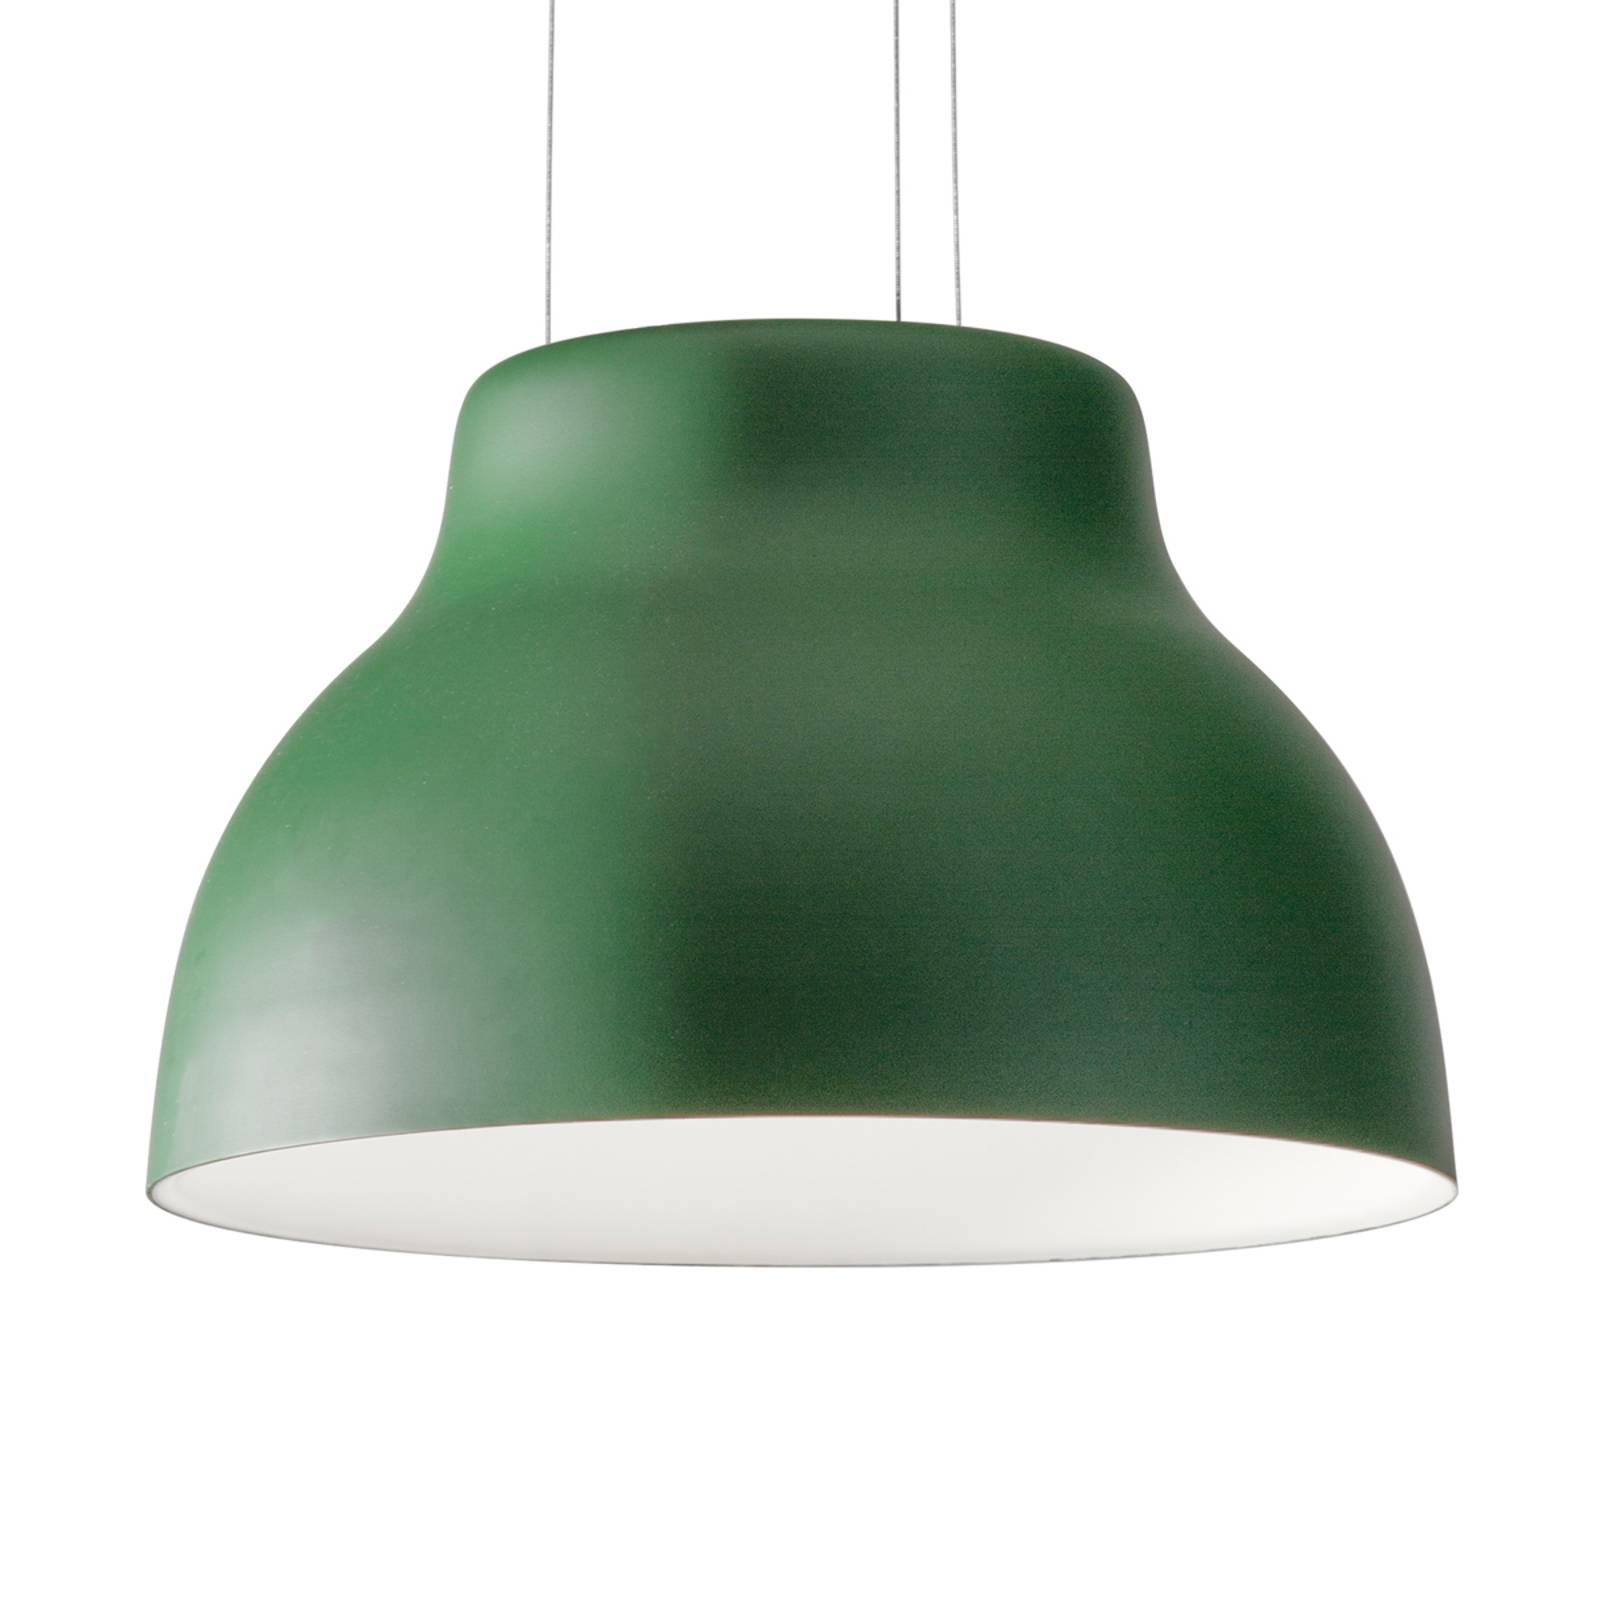 Martinelli Luce Cicala -LED-riippuvalaisin vihreä